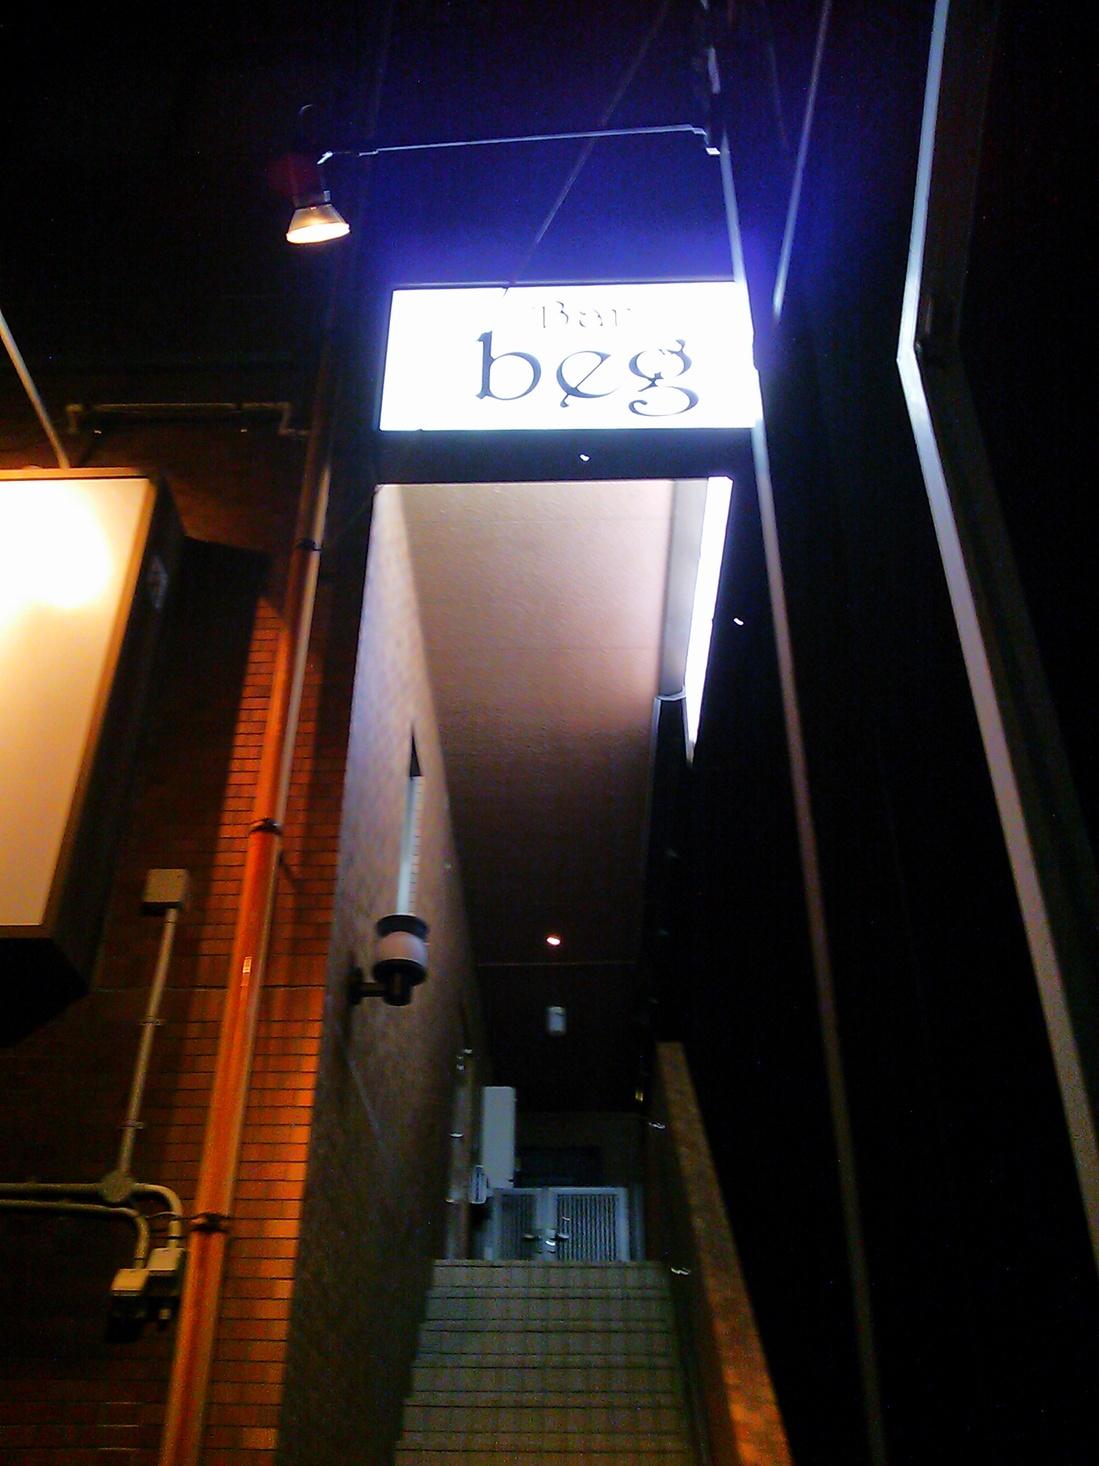 Bar beg